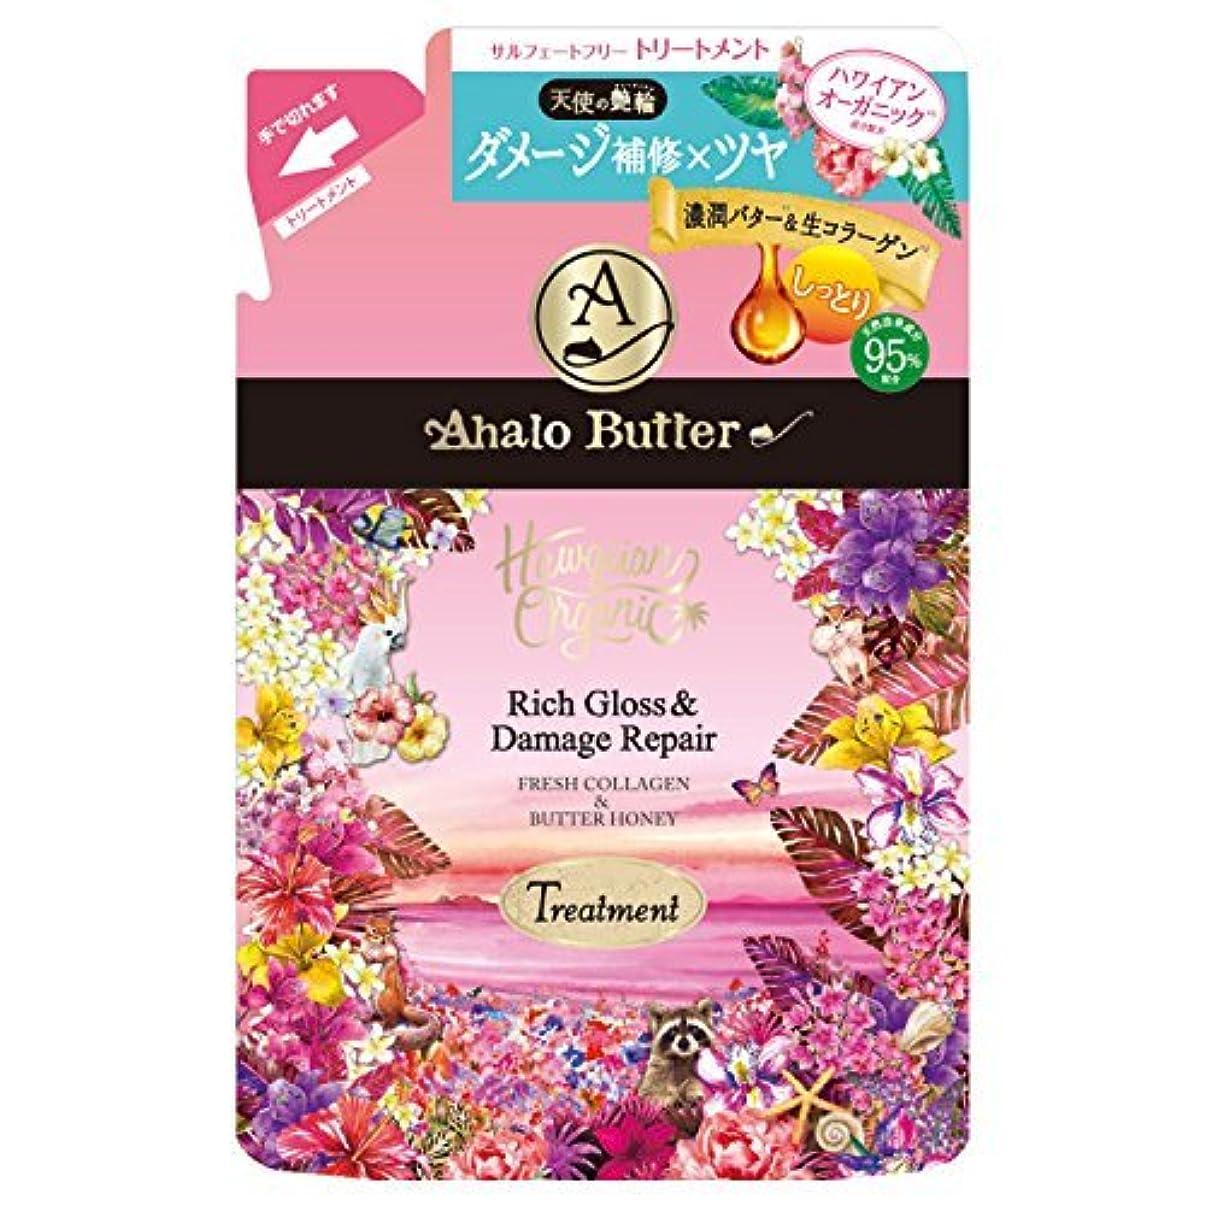 代わりにを立てる堤防ブランド名Ahalo butter(アハロバター) ハワイアンオーガニック リッチグロス&ダメージリペアトリートメント / 詰め替え / 400ml